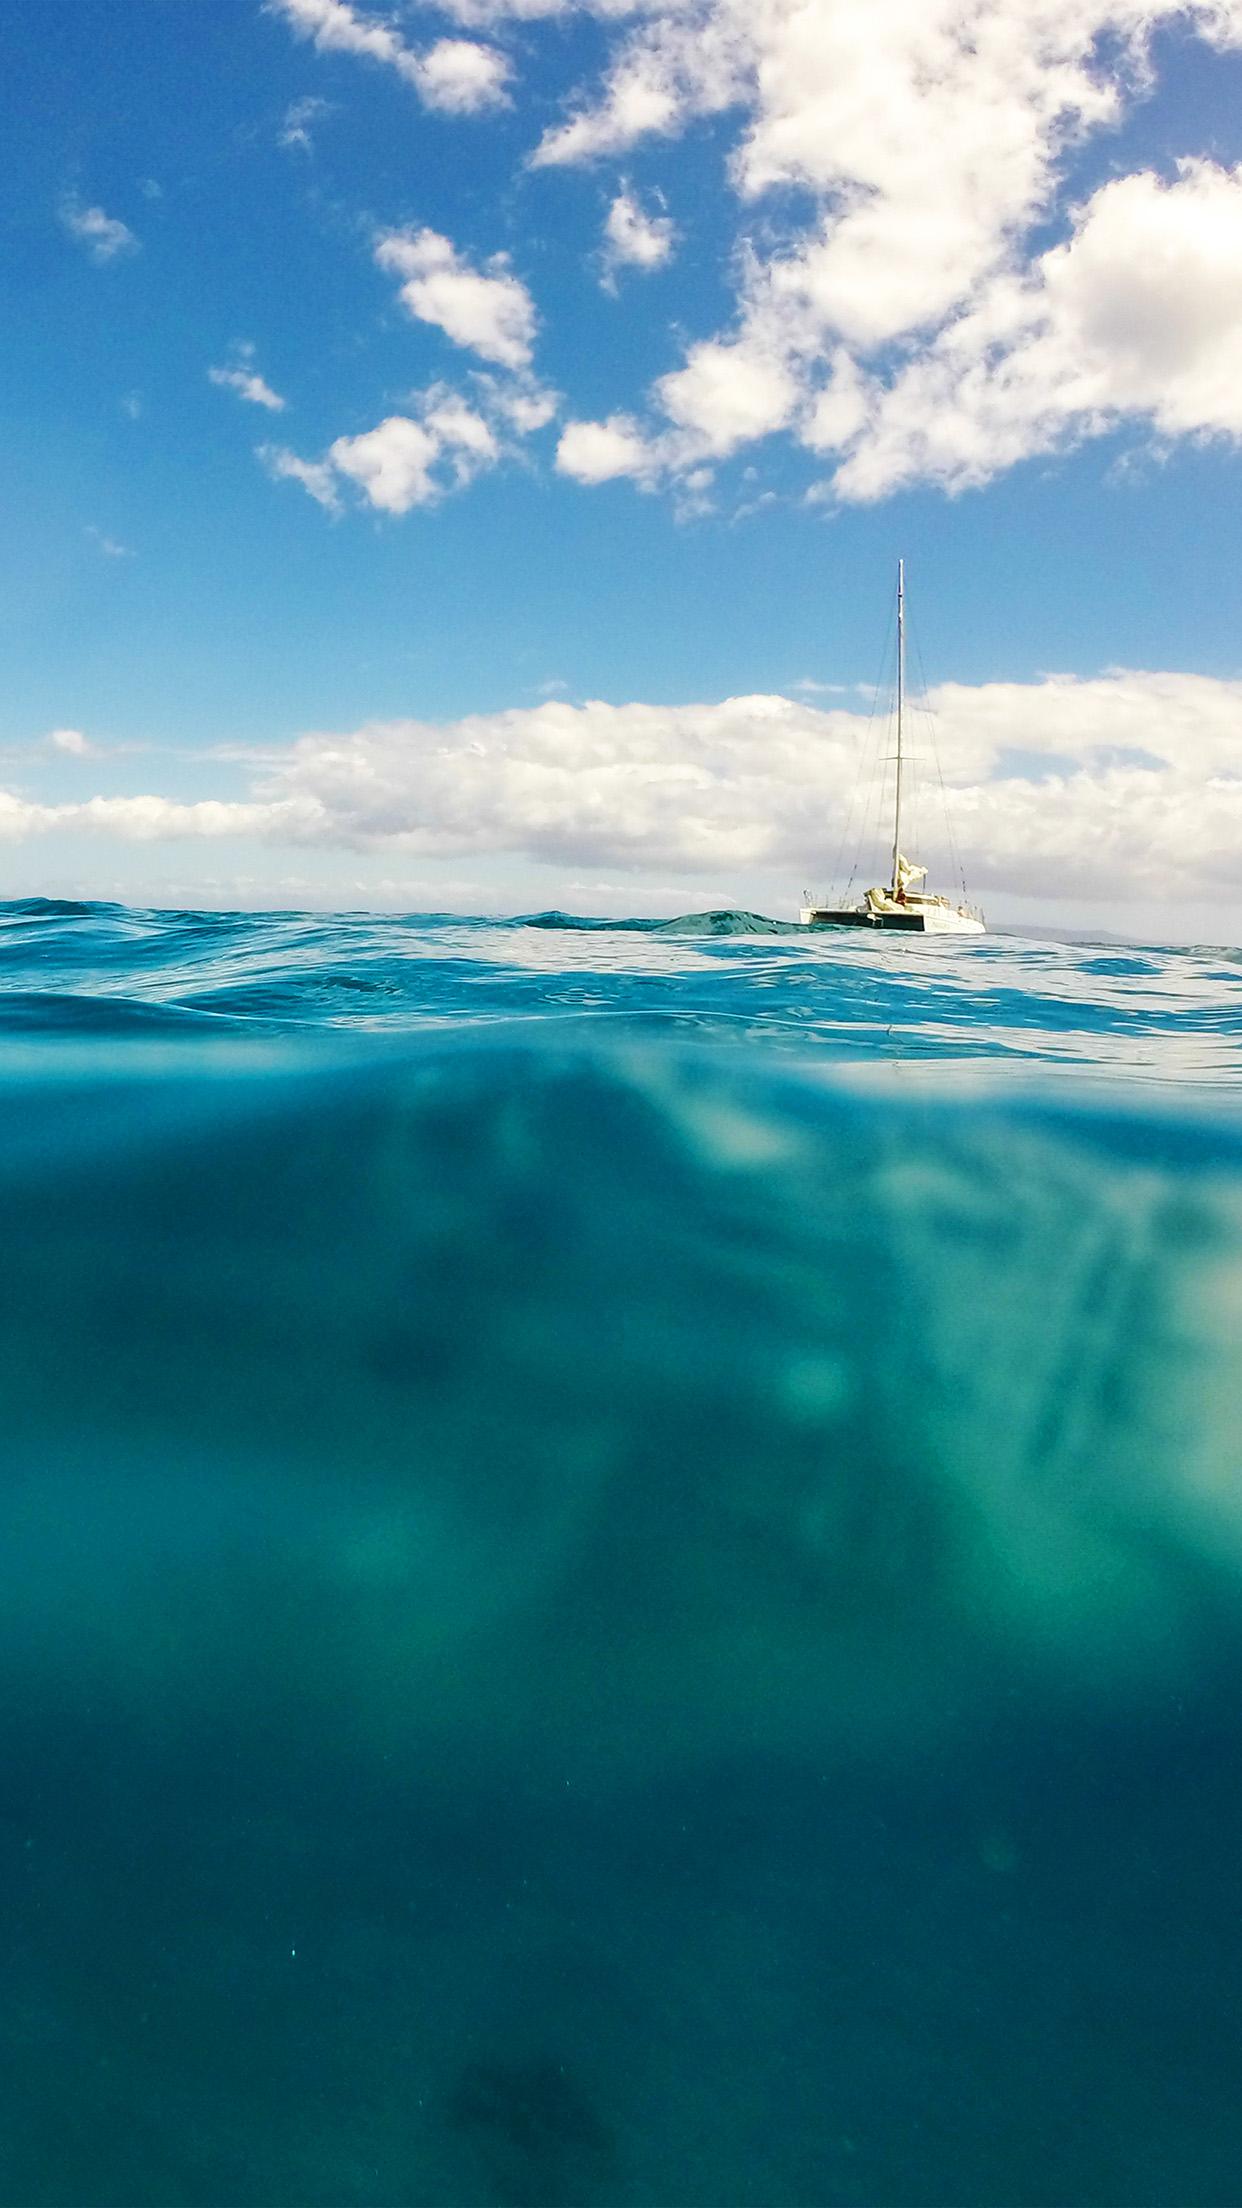 Iphone7paperscom Iphone7 Wallpaper Ni10 Sea Ocean Boat